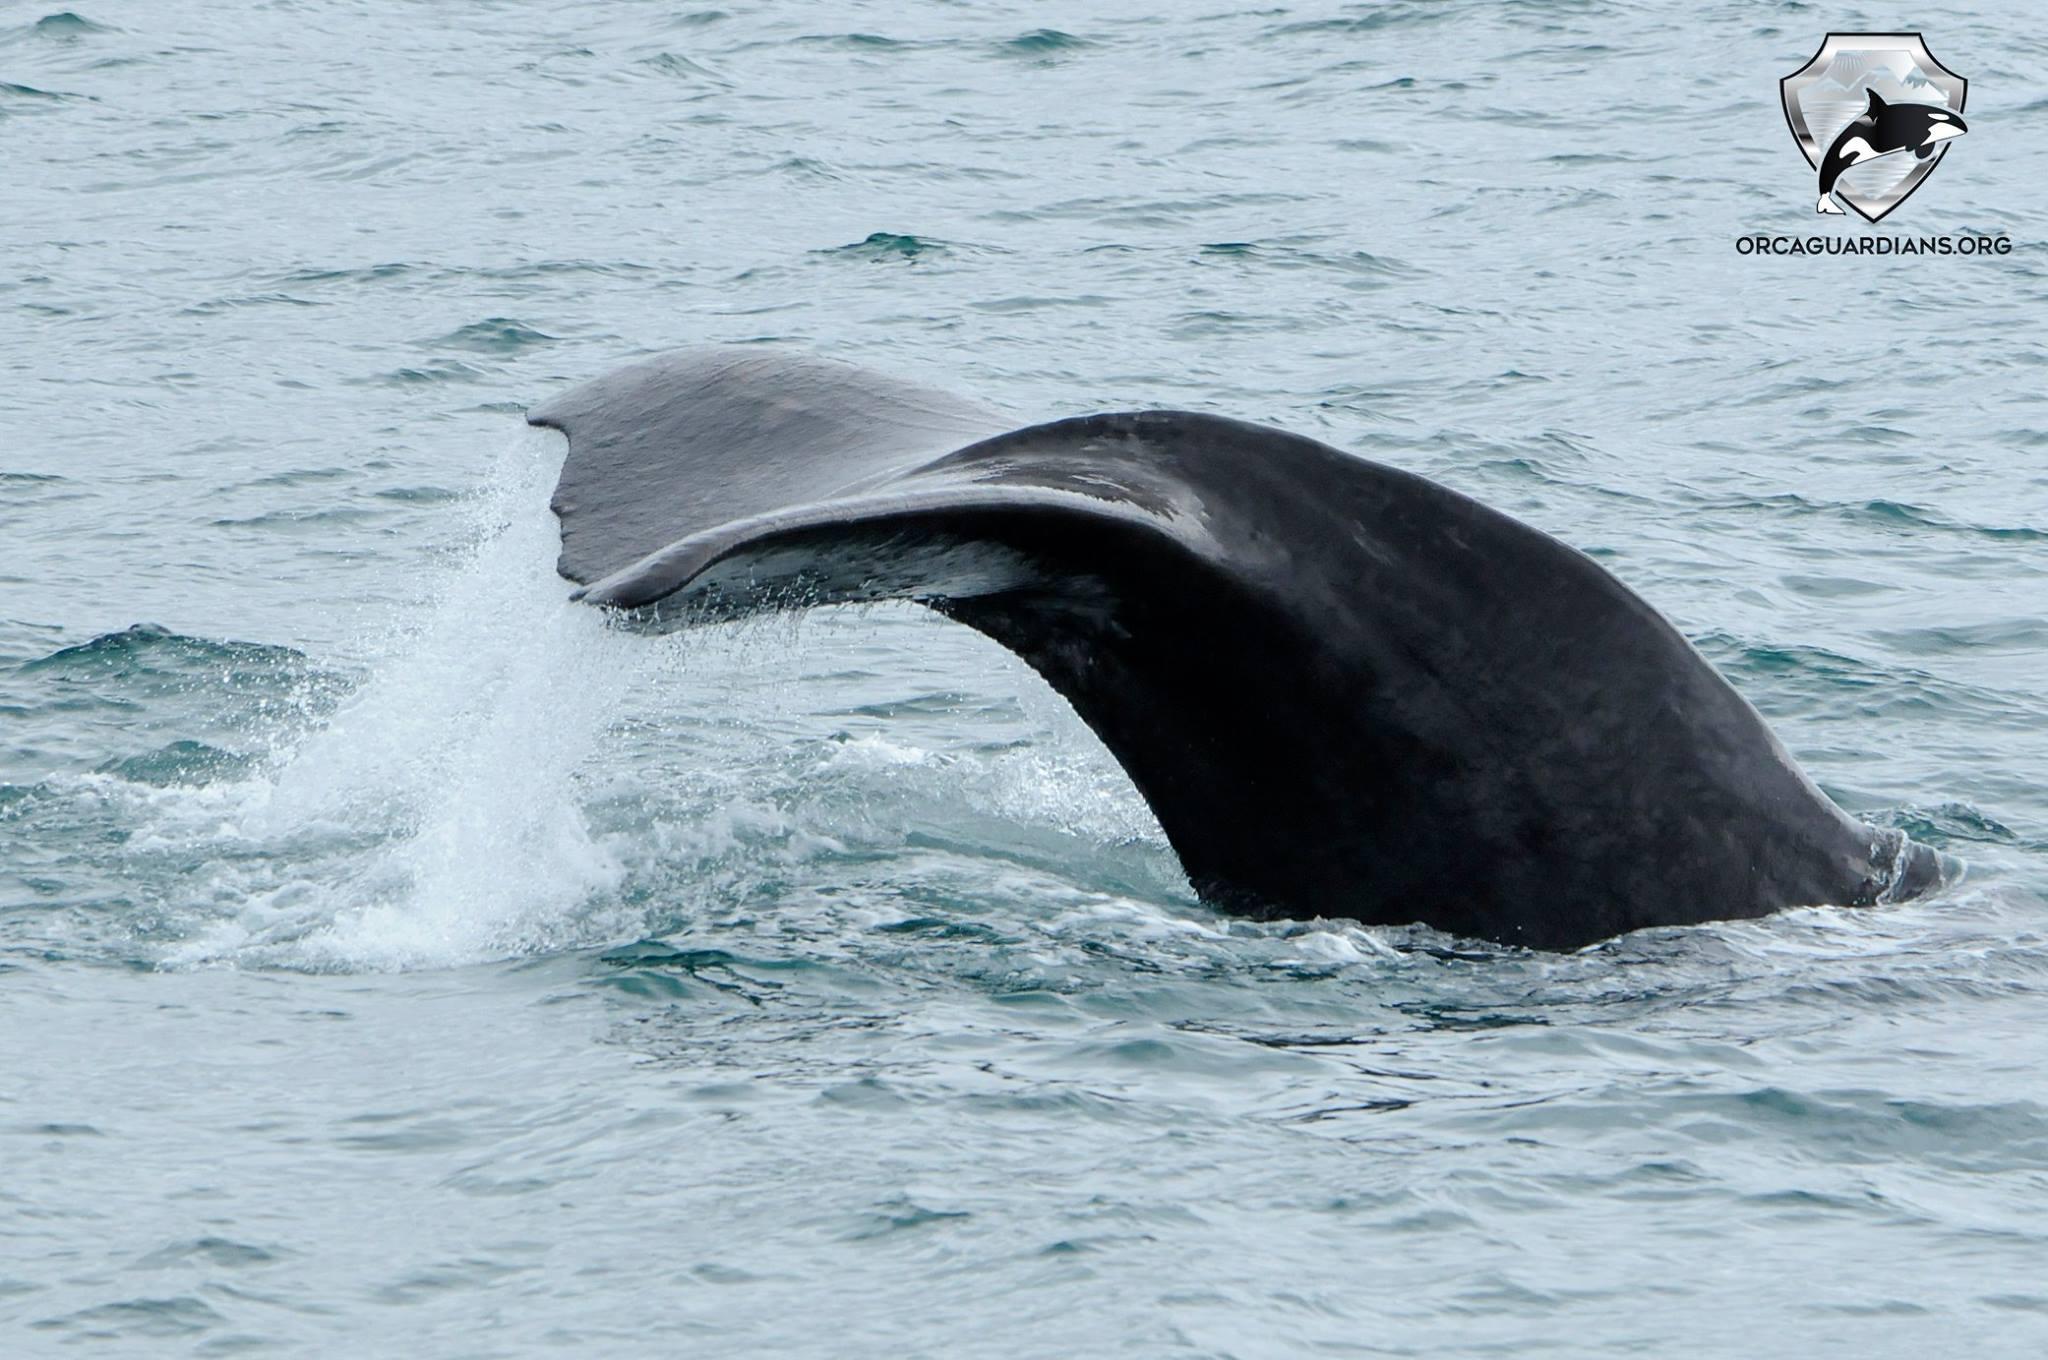 Sperm whale rush hour